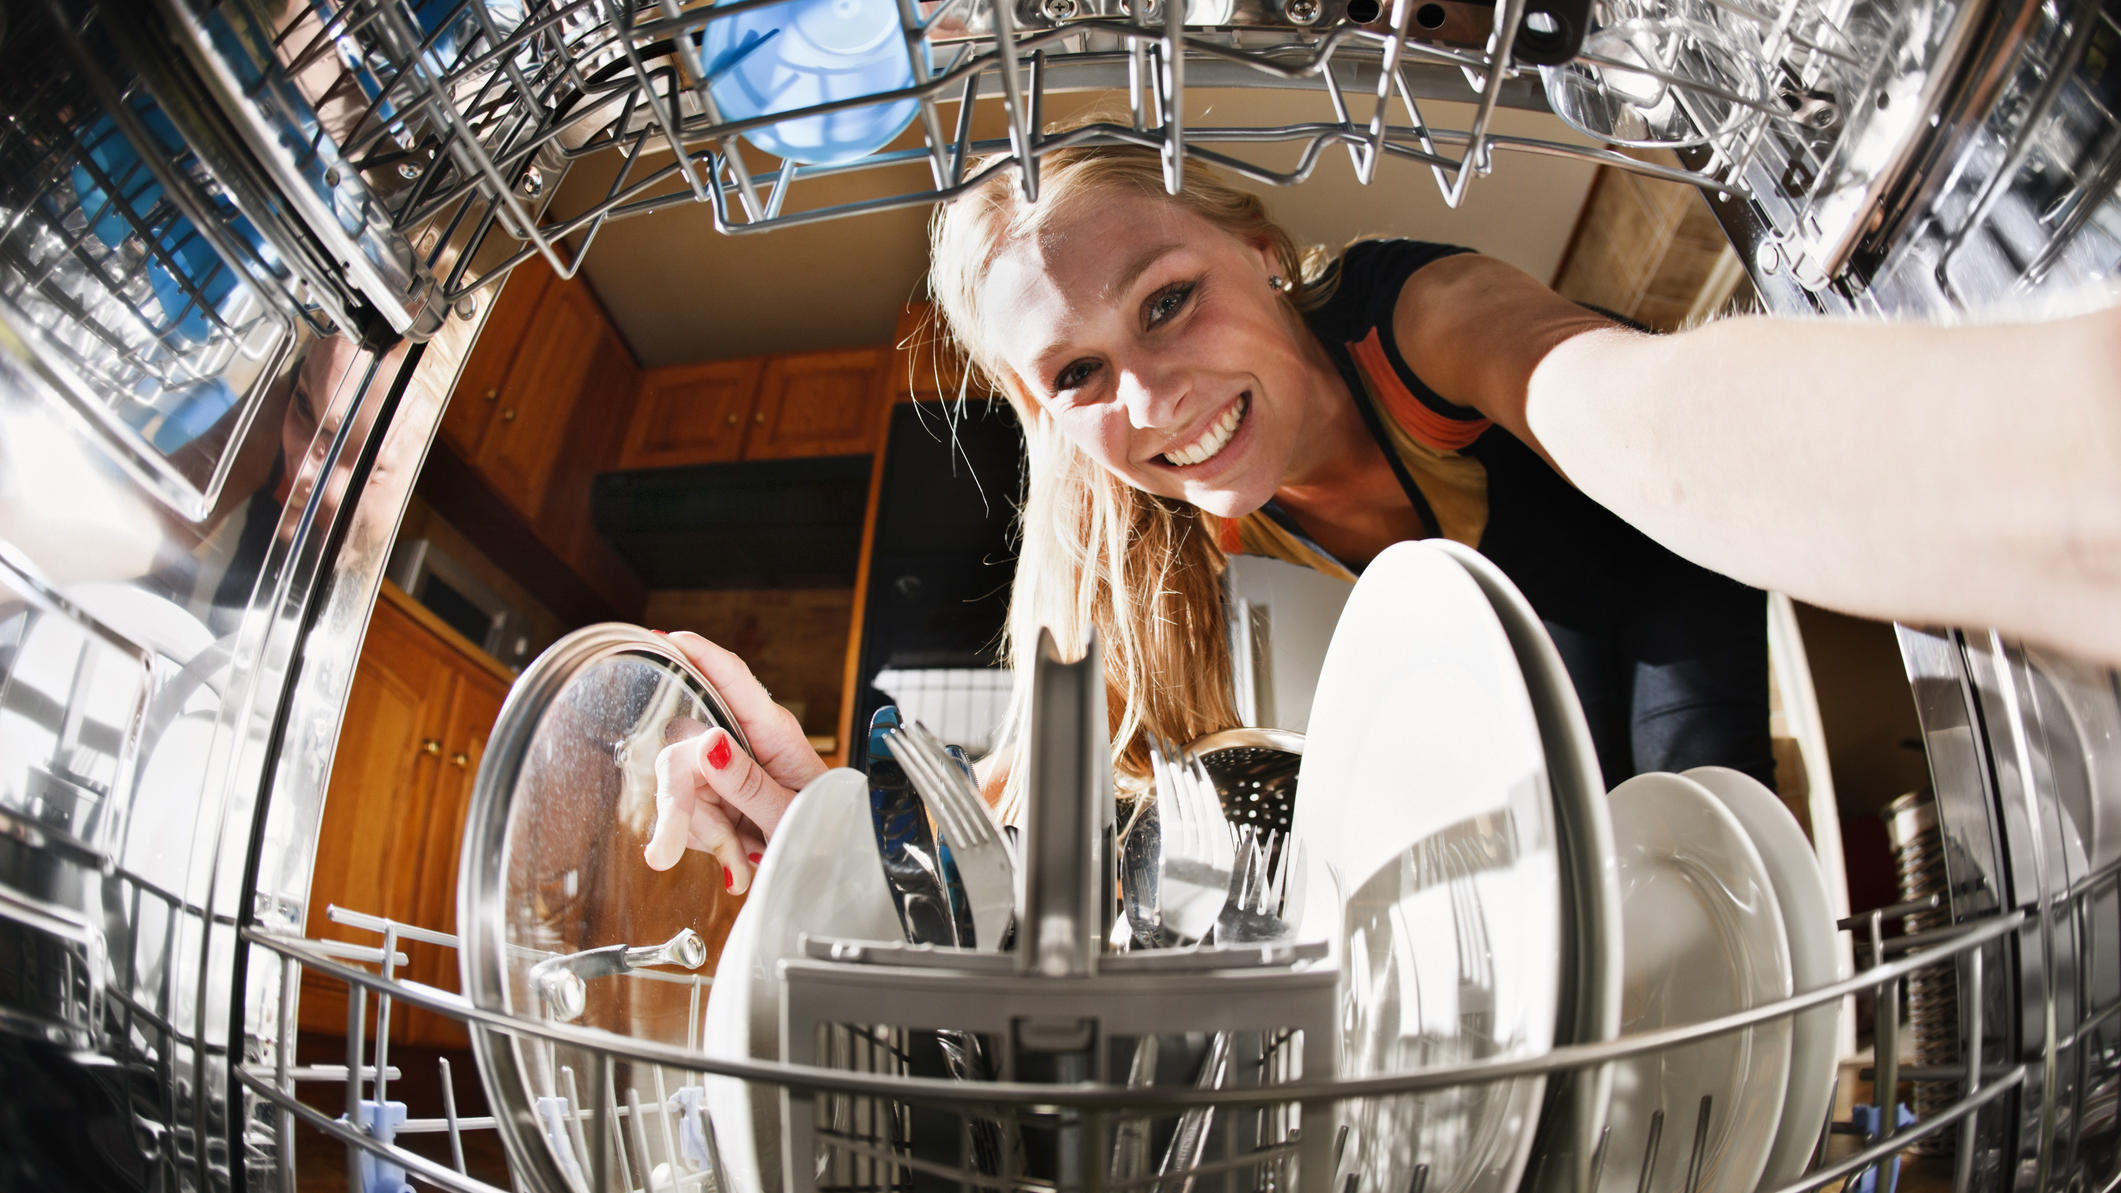 Junge Frau räumt die Spülmaschine ein